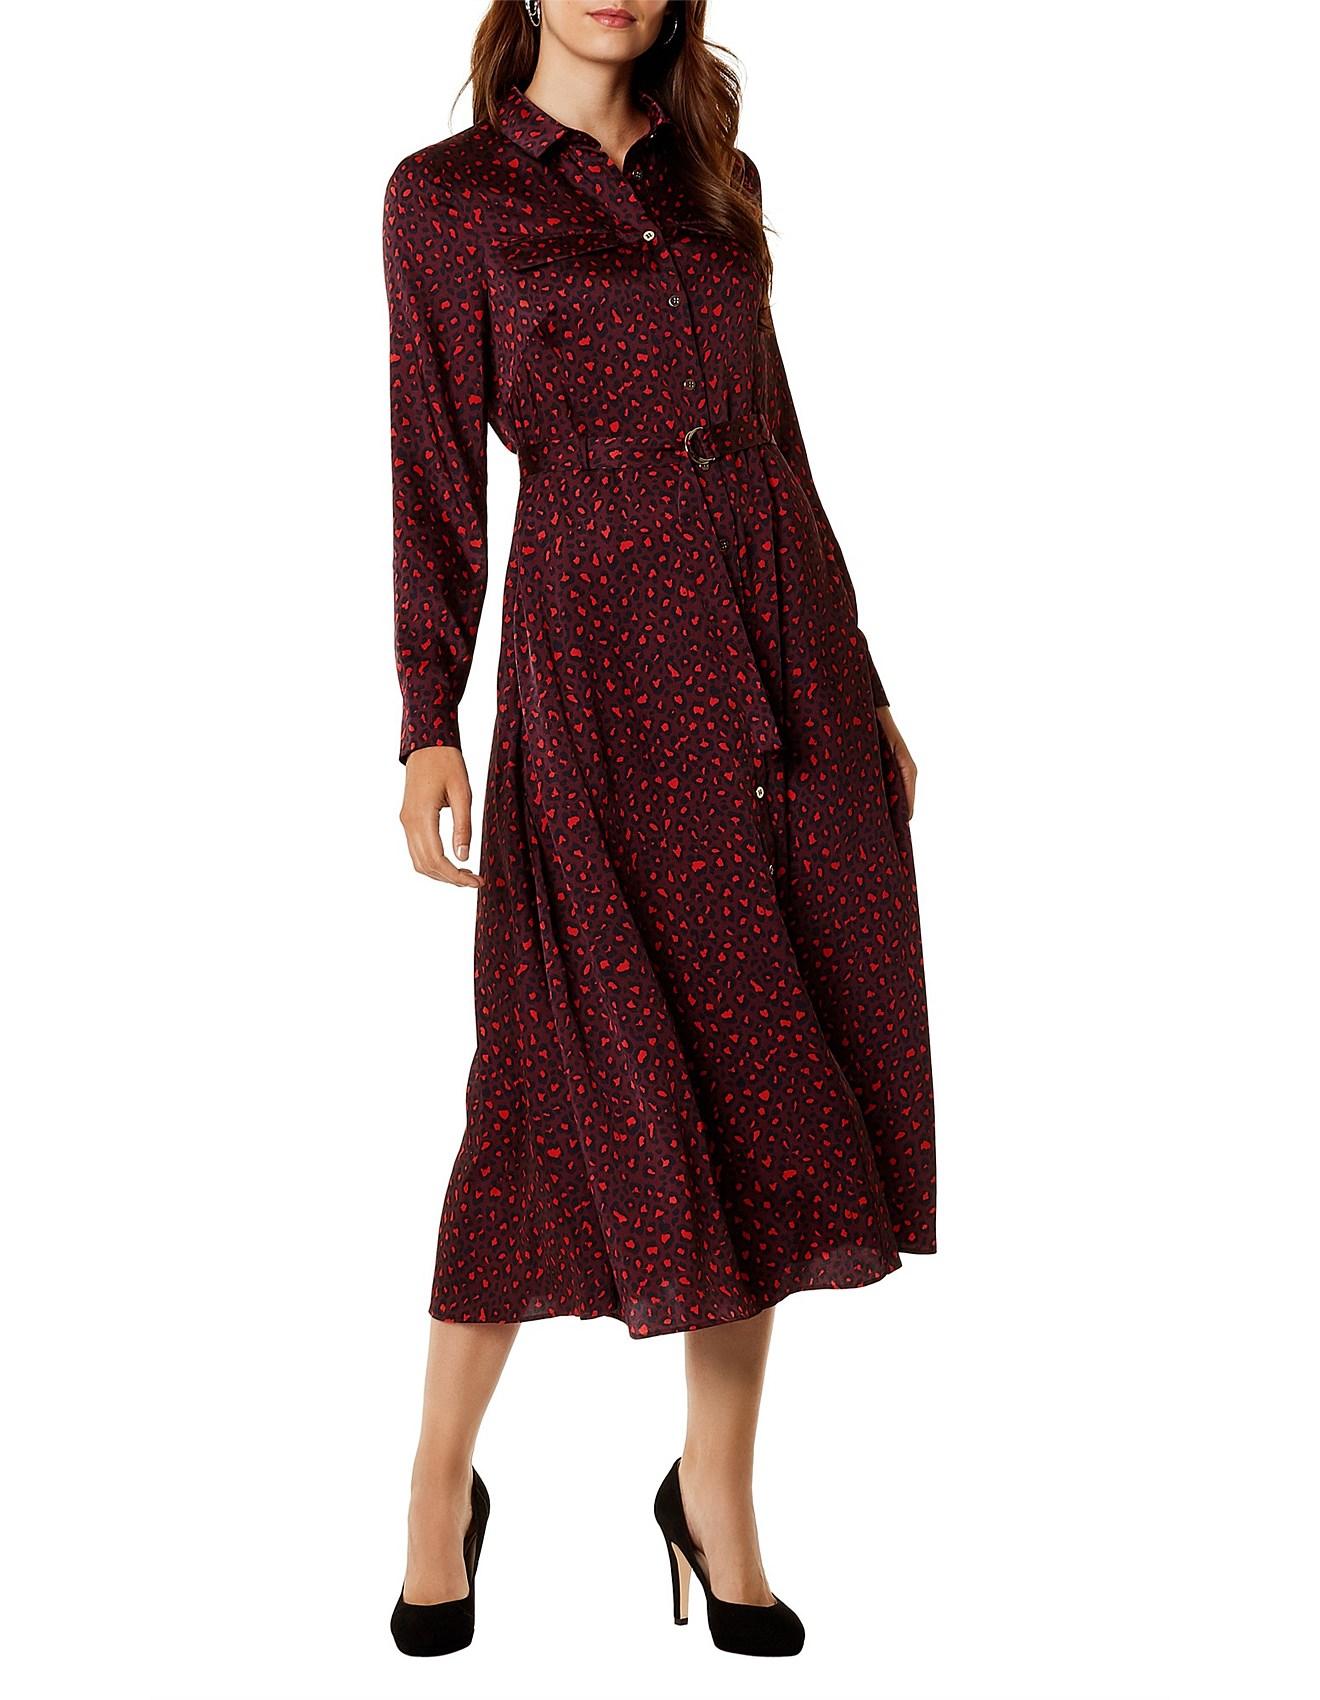 fd759ddbc39 Karen Millen   Buy Karen Millen Clothing Online   David Jones - LEOPARD  PRINT MAXI DRESS